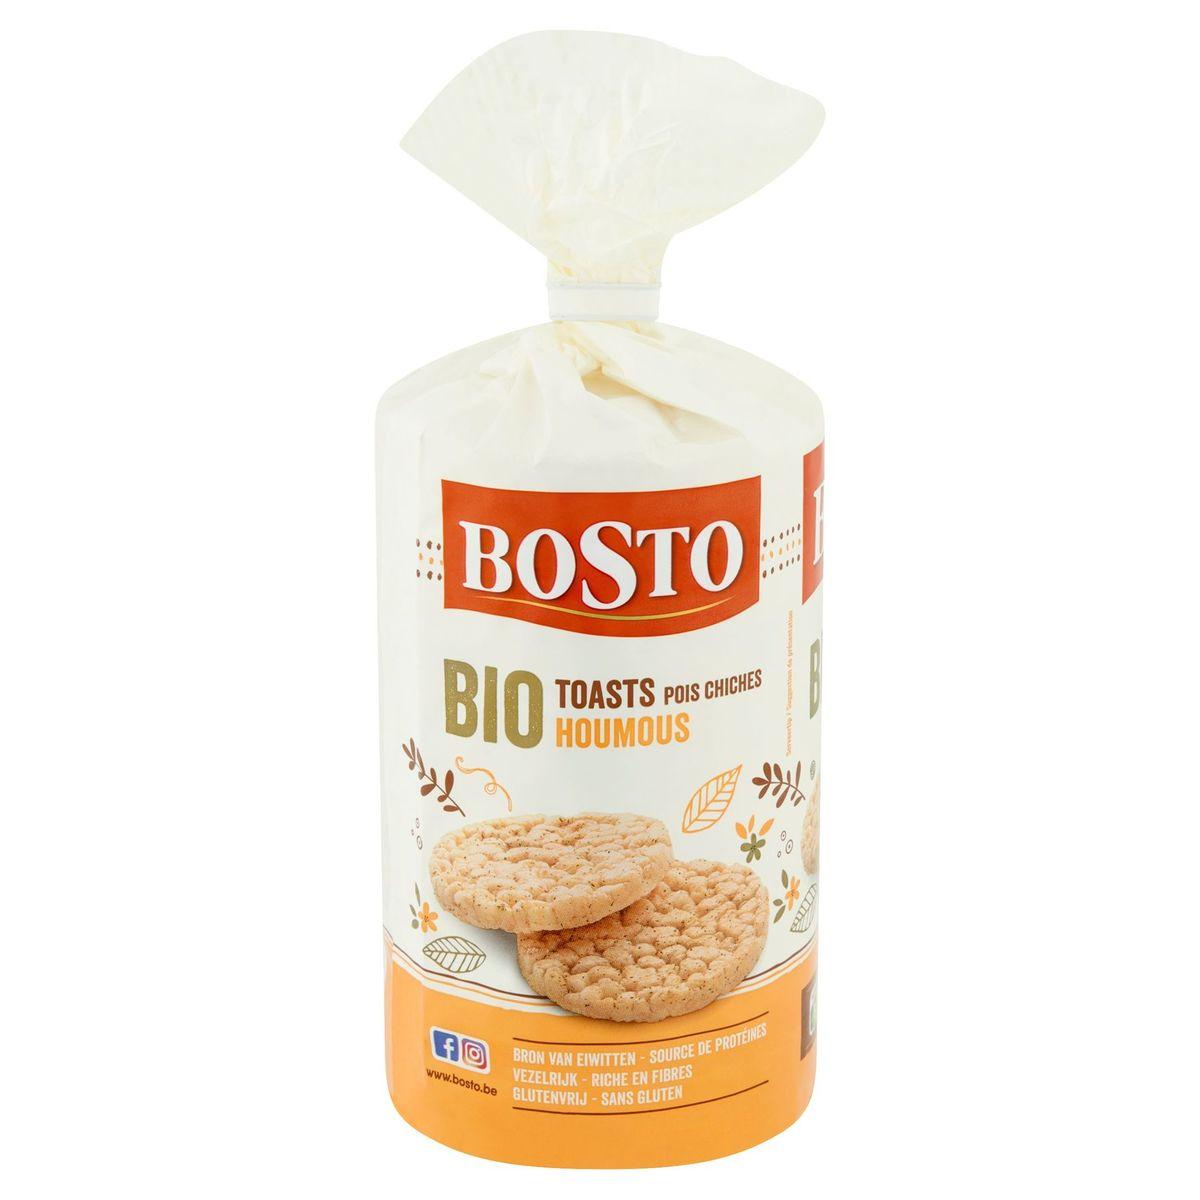 Bosto Bio Toasts Pois Chiches Houmous 122 g